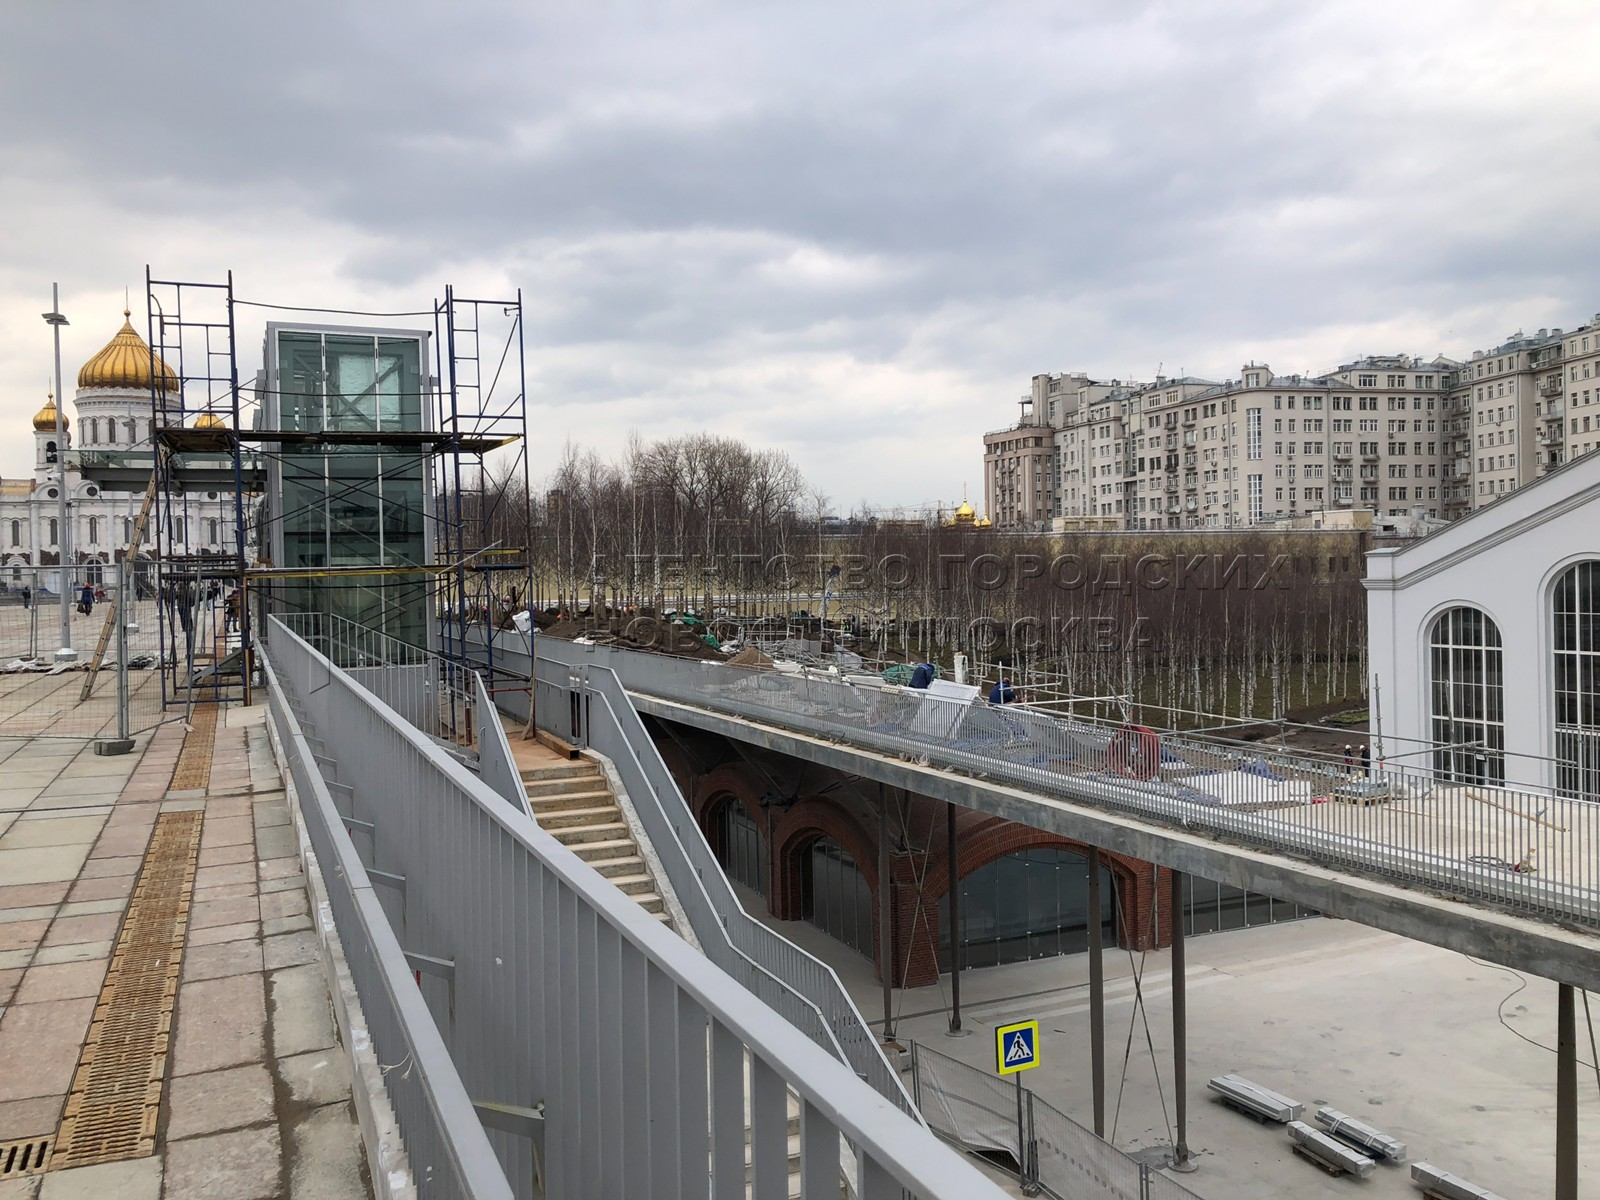 Строительство и благоустройство подвесных садов на территории ГЭС-2 в центре Москвы.